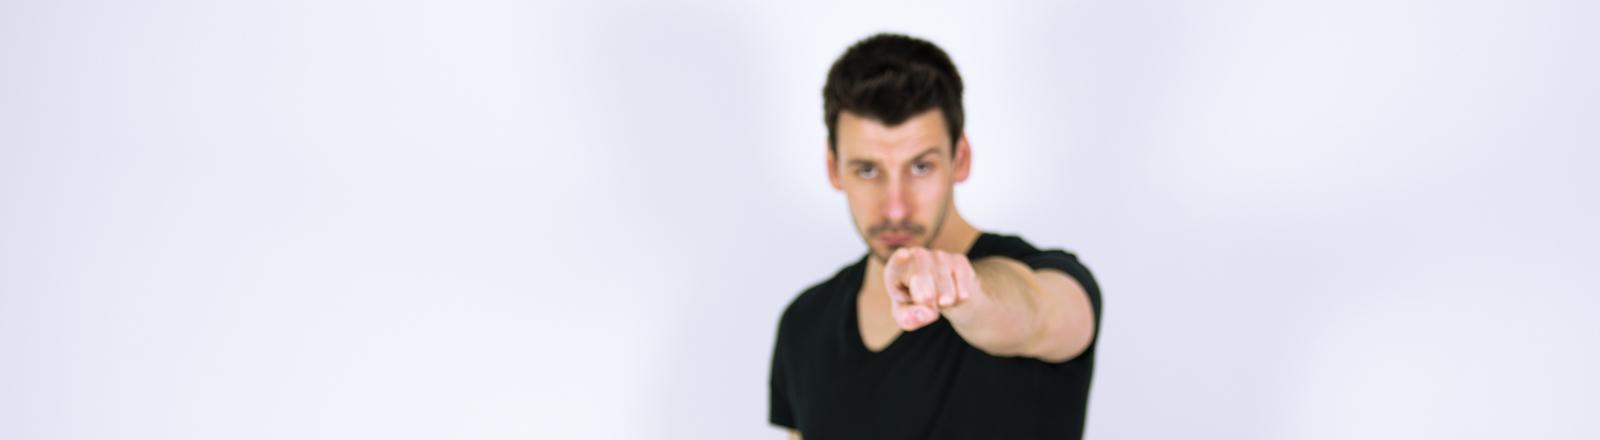 Typ zeigt mit dem Finger